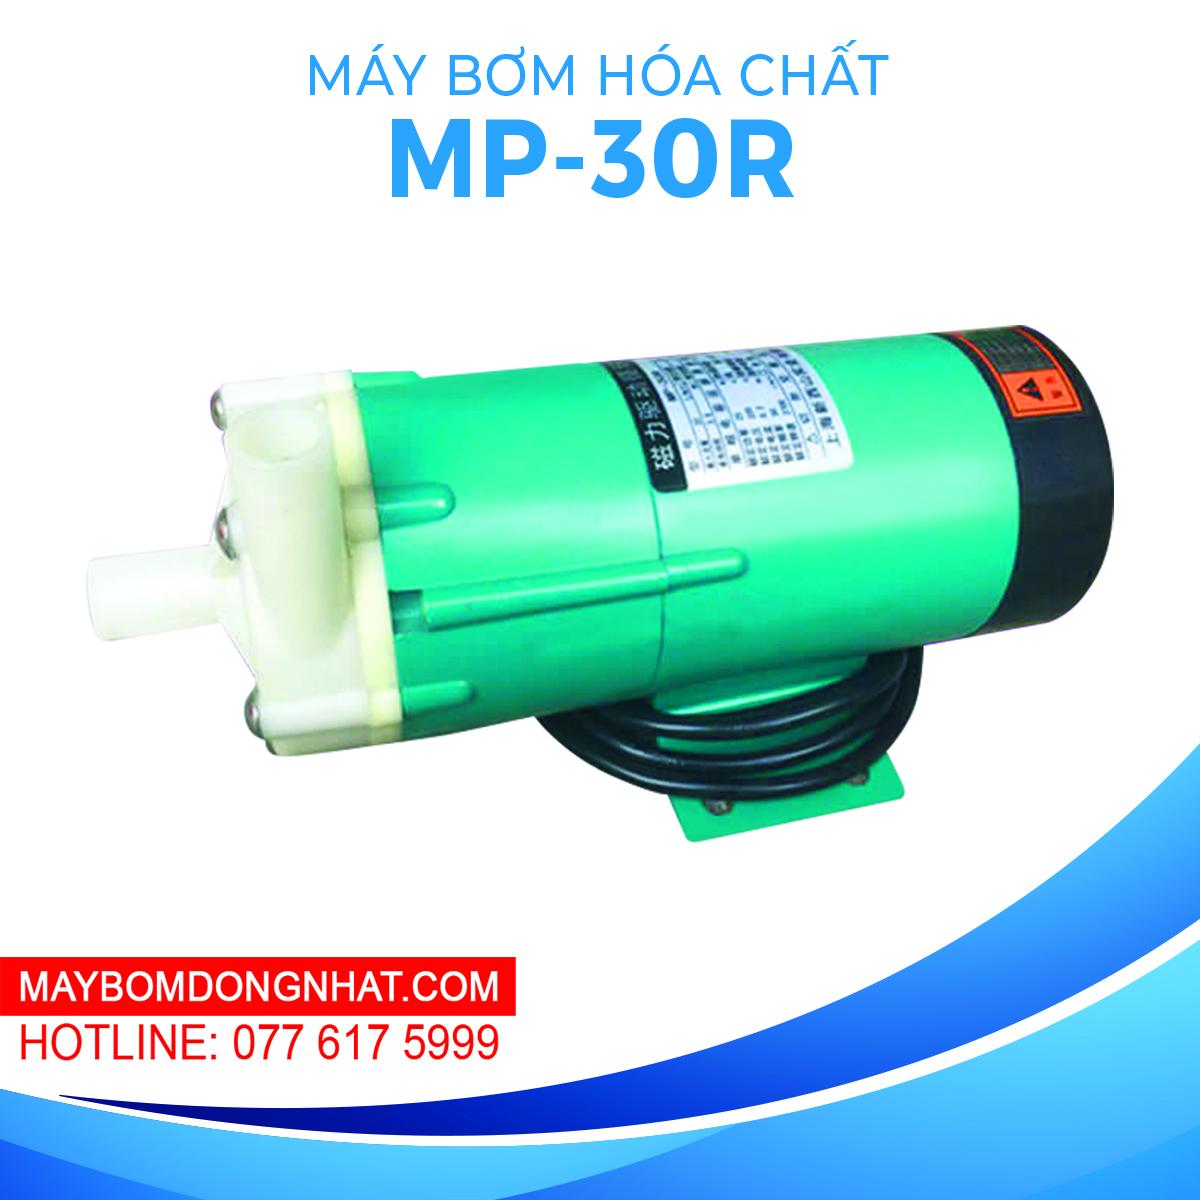 Máy bơm hóa chất Smartpumps MP-30R 220V 25W